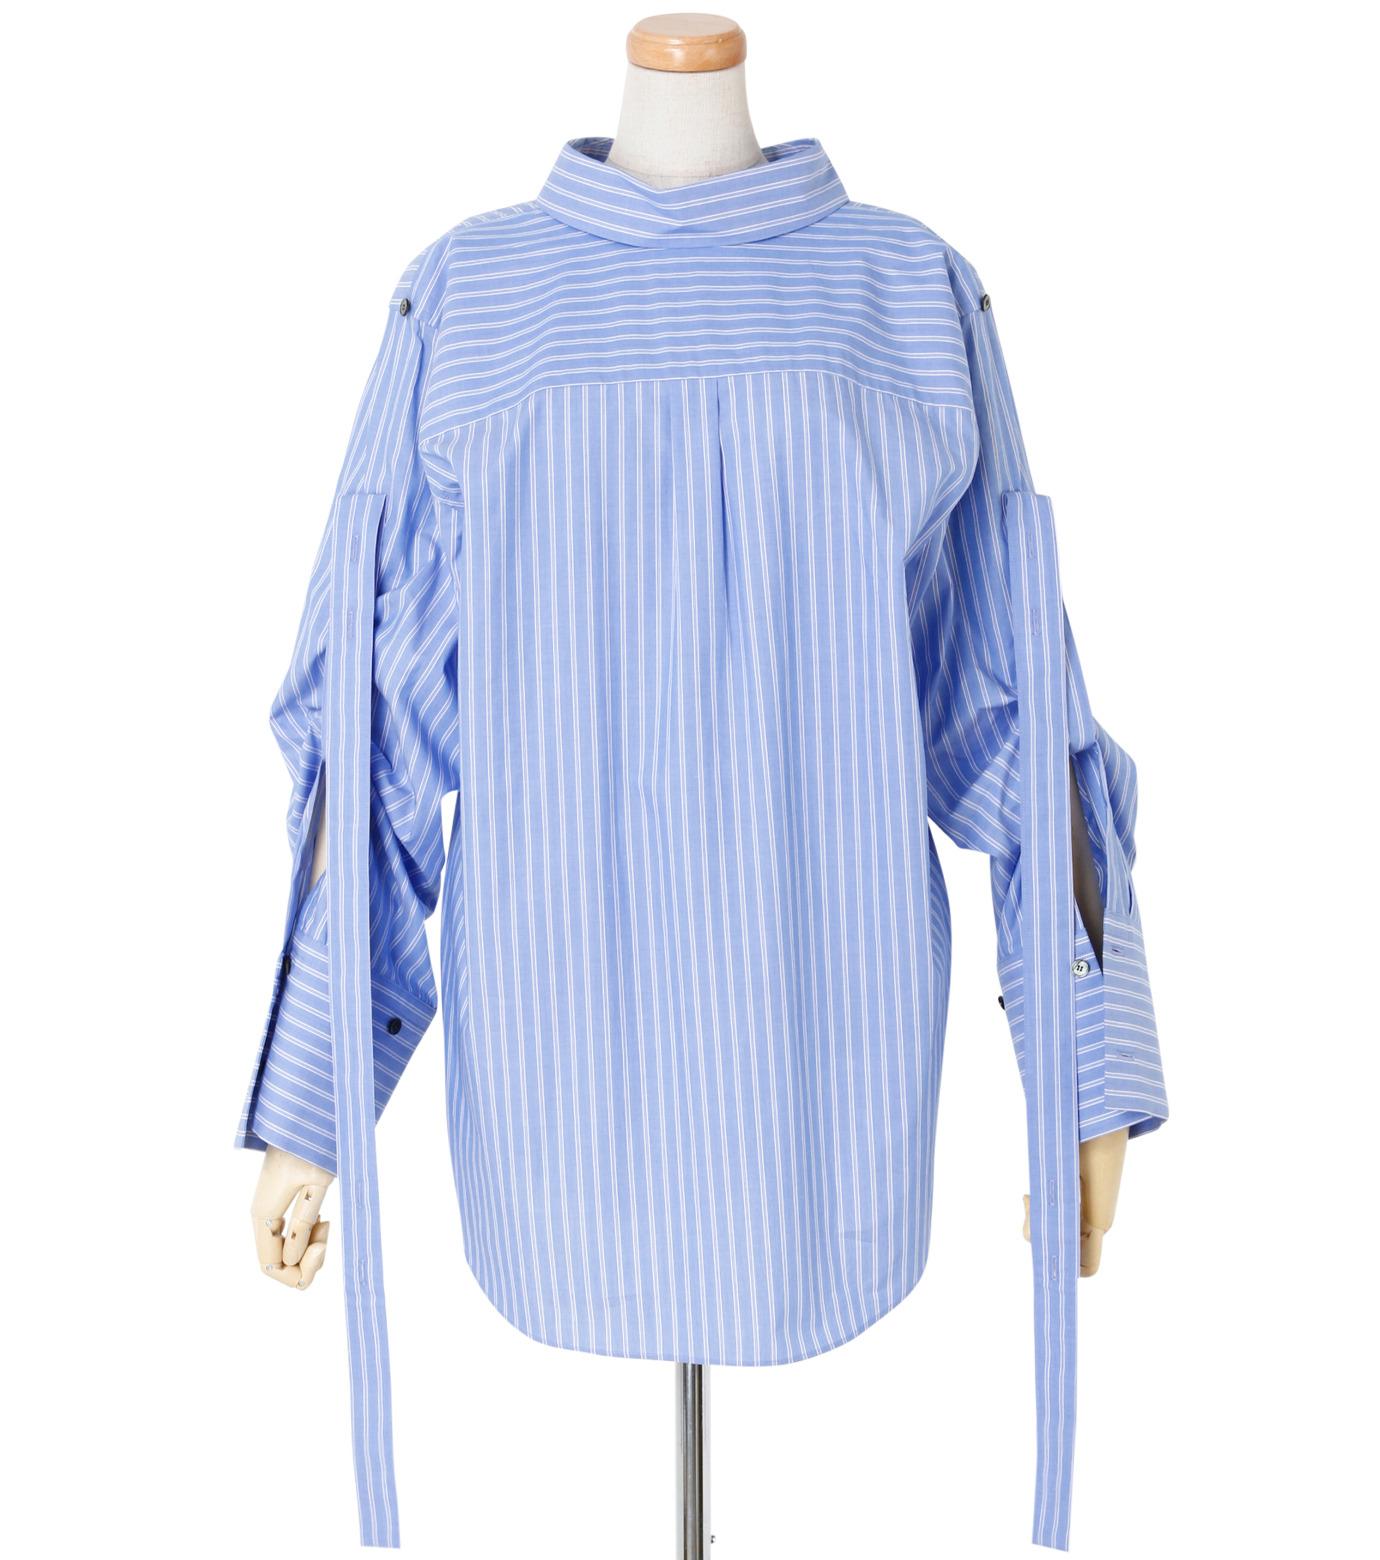 IRENE(アイレネ)のバックワーズシャツ-BLUE(シャツ/shirt)-19S83009 拡大詳細画像1